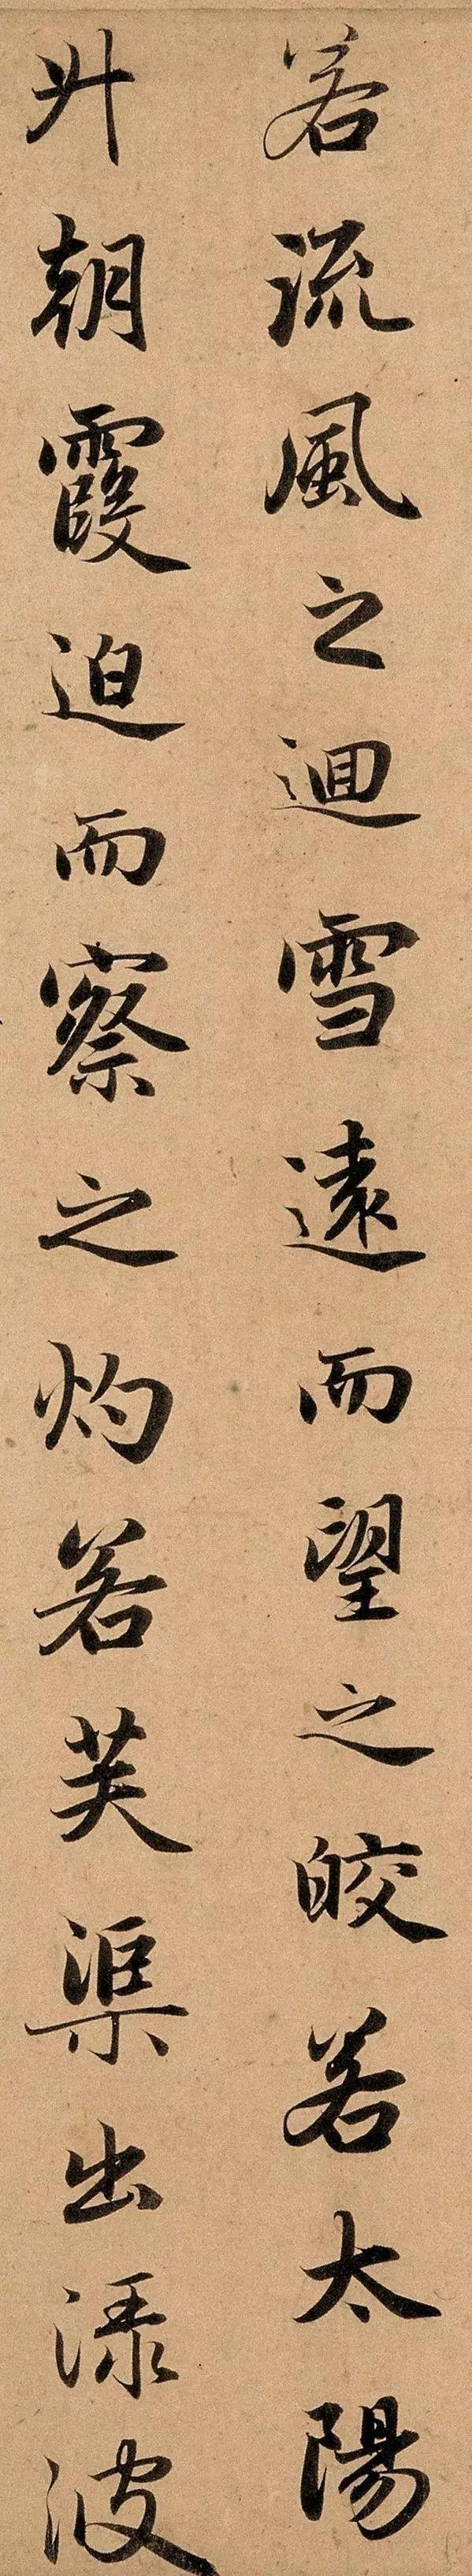 赵孟頫《洛神赋》字字珠玑\